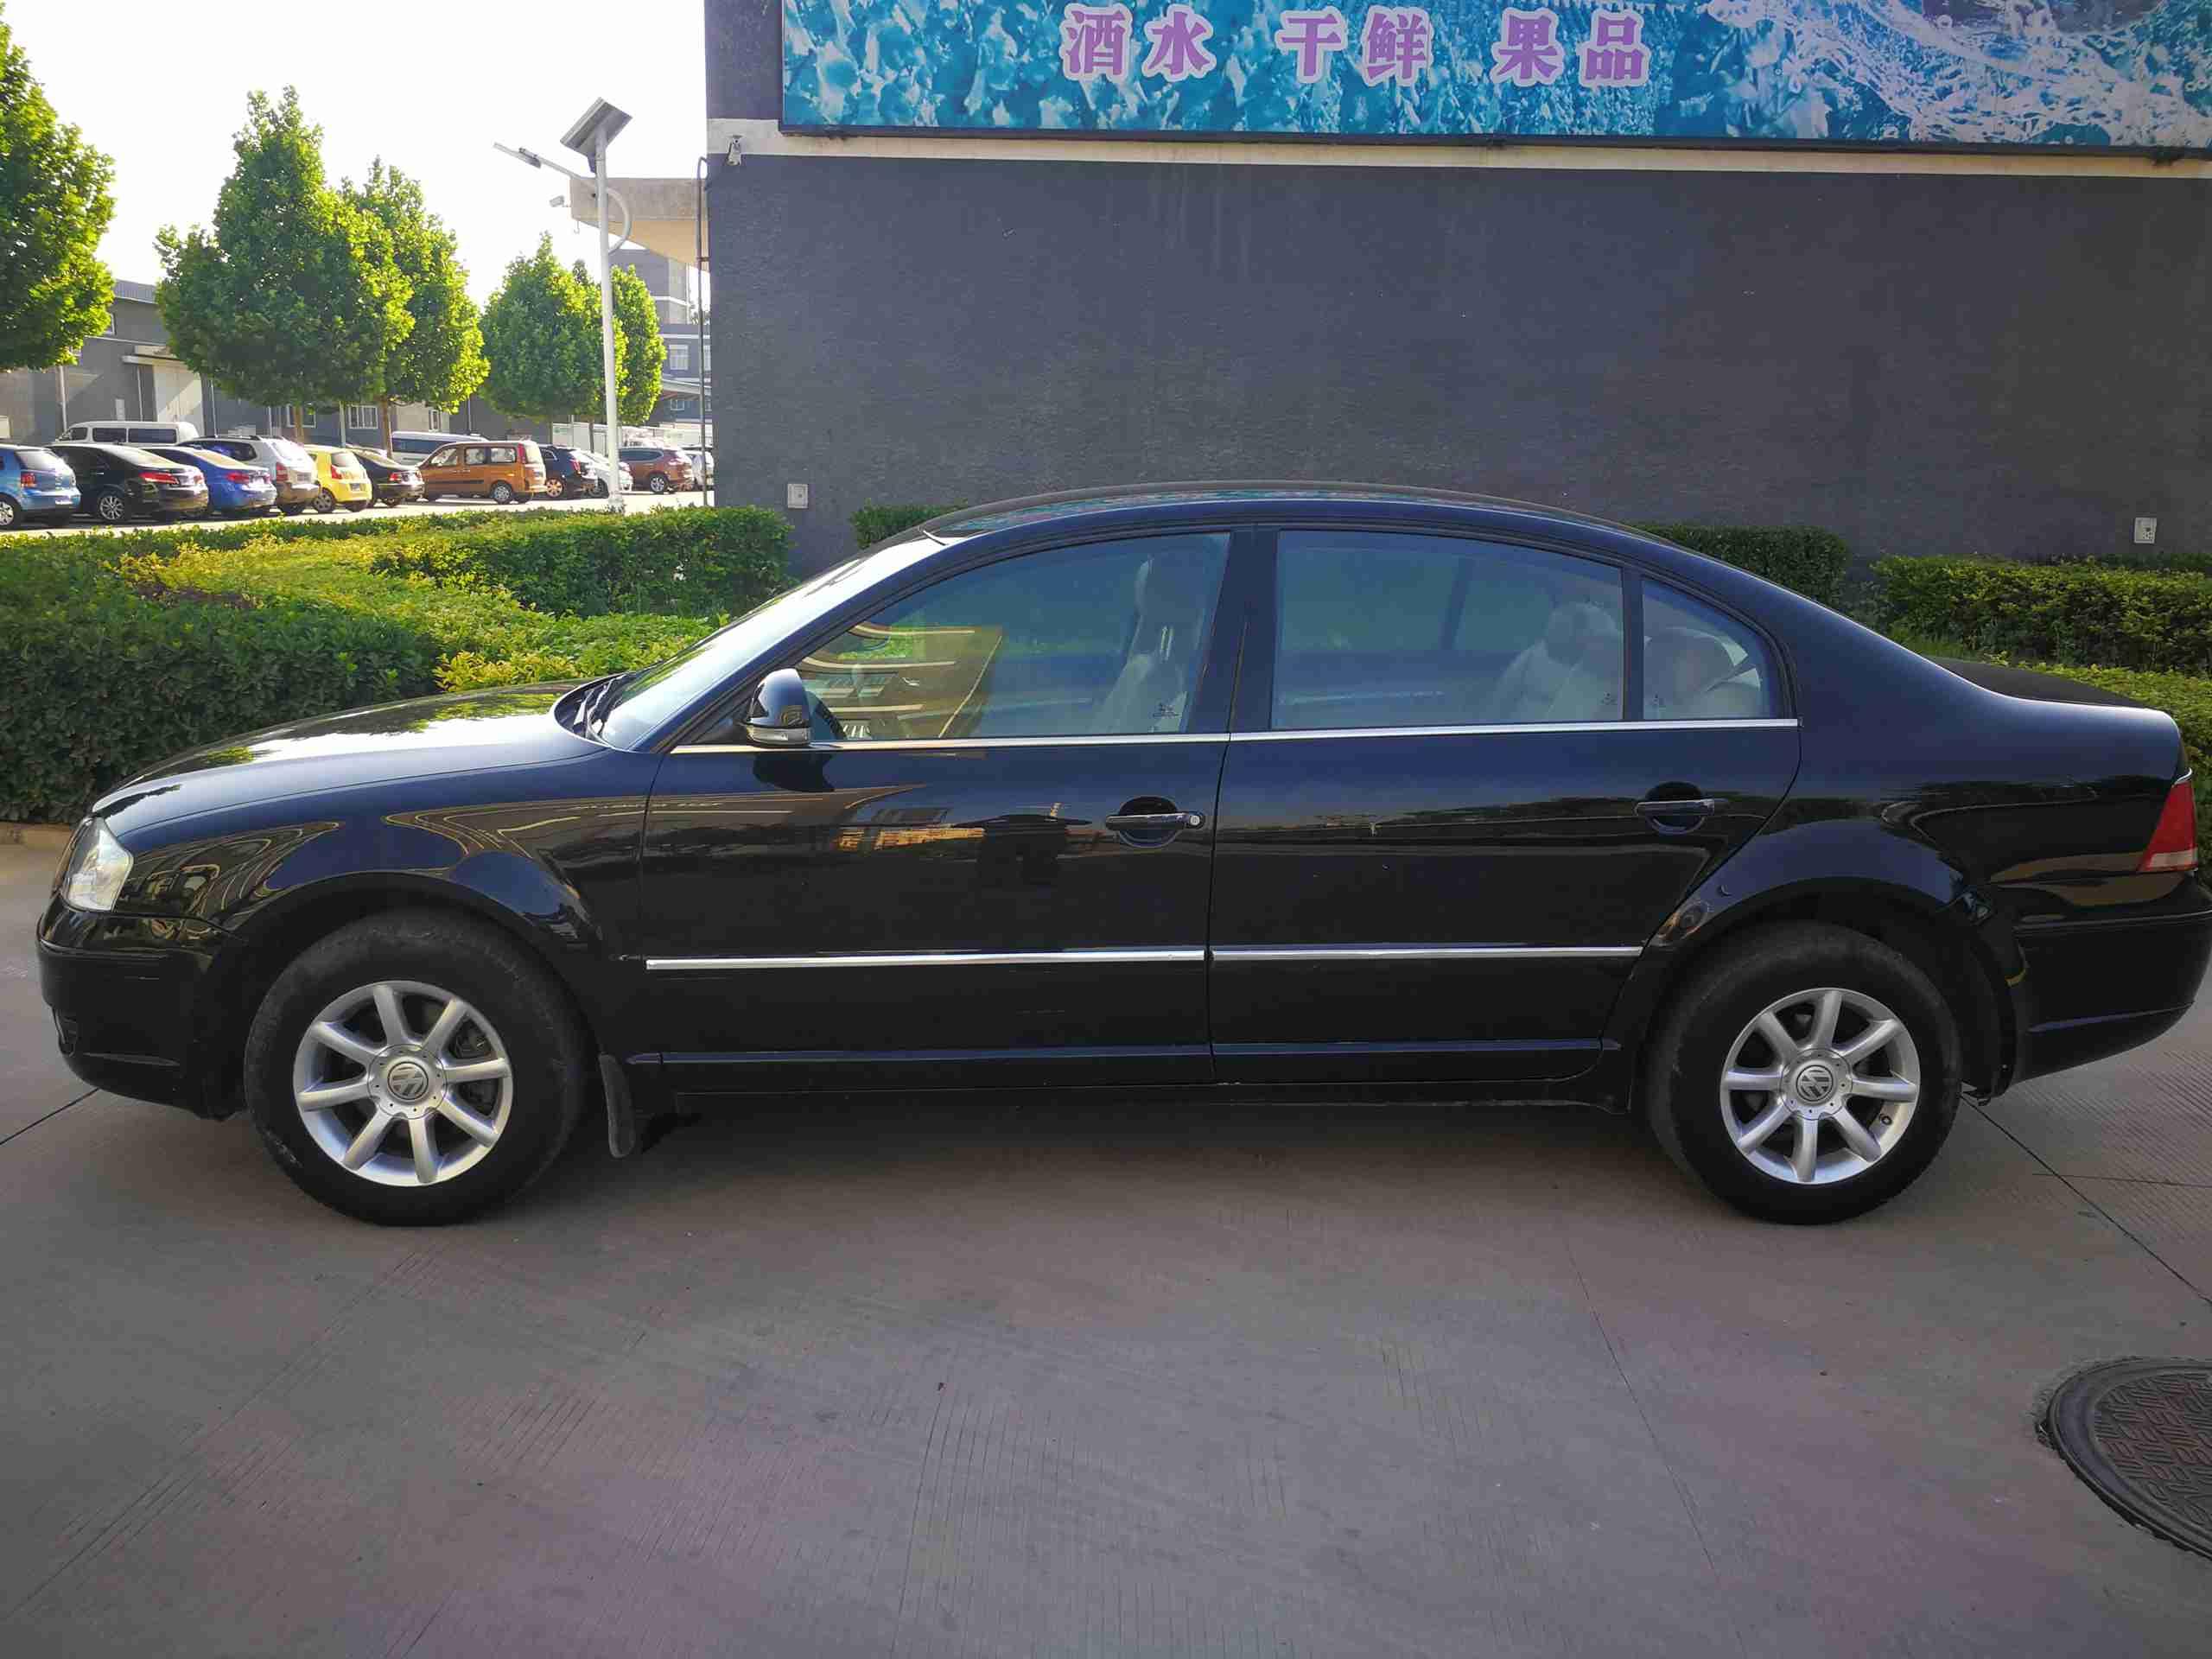 【北京】2010年帕萨特领驭,2.0手动 价格4.96万 二手车